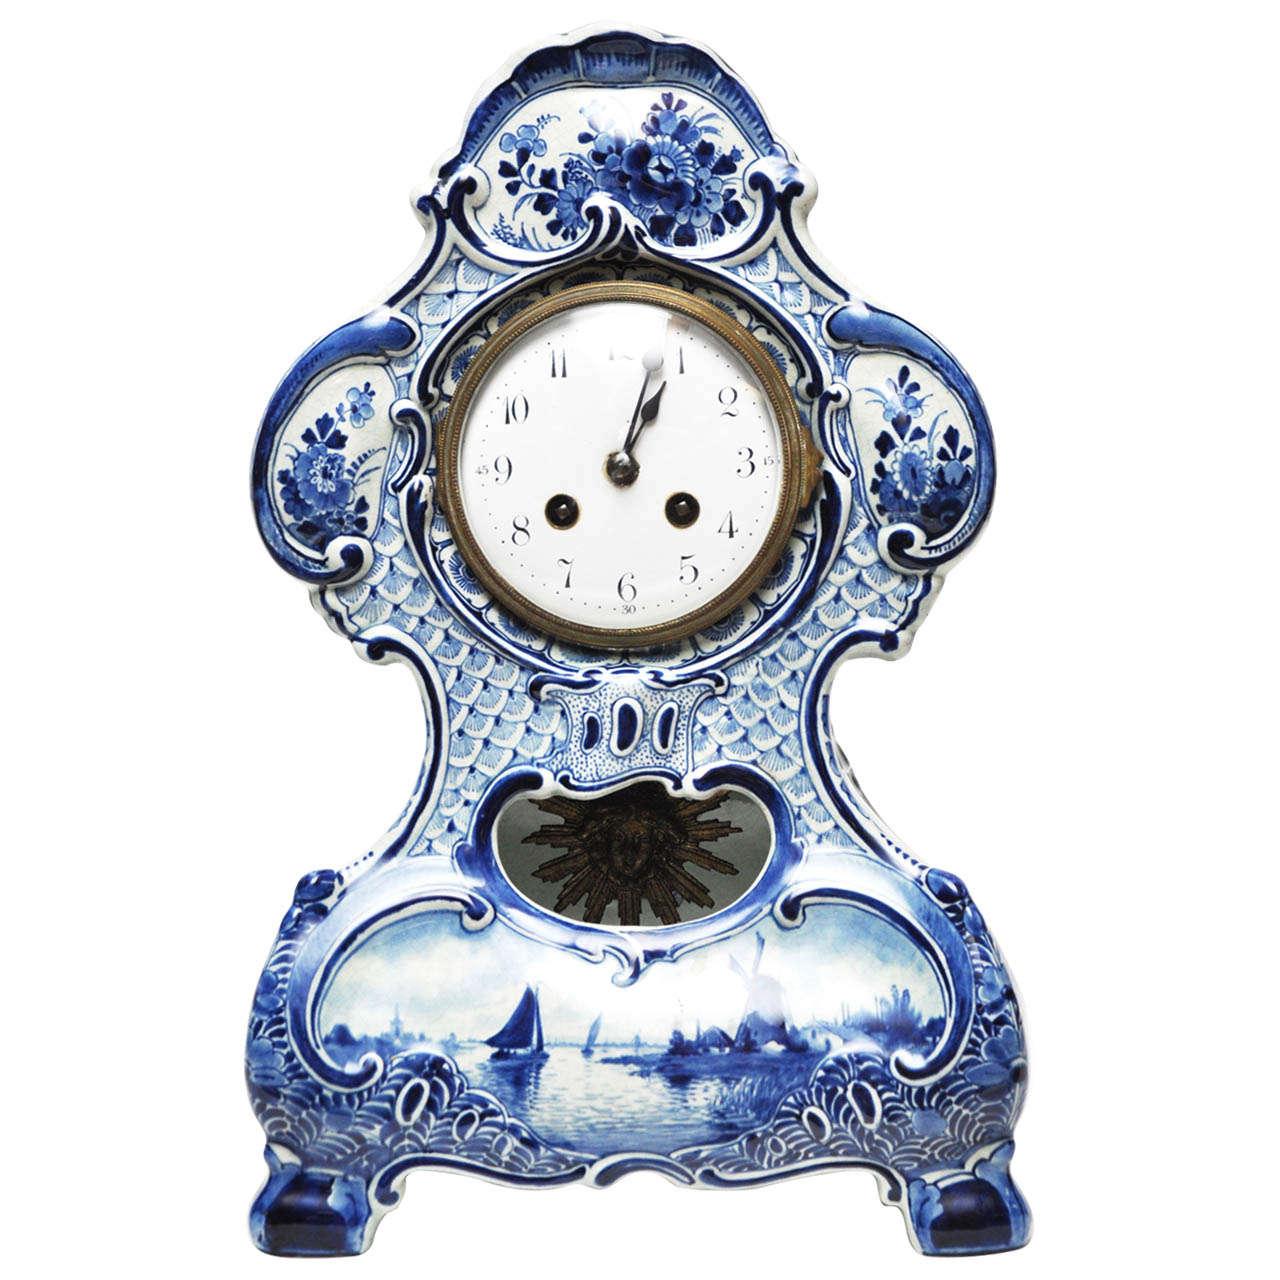 delft porcelain mantel clock 1 - Mantel Clock